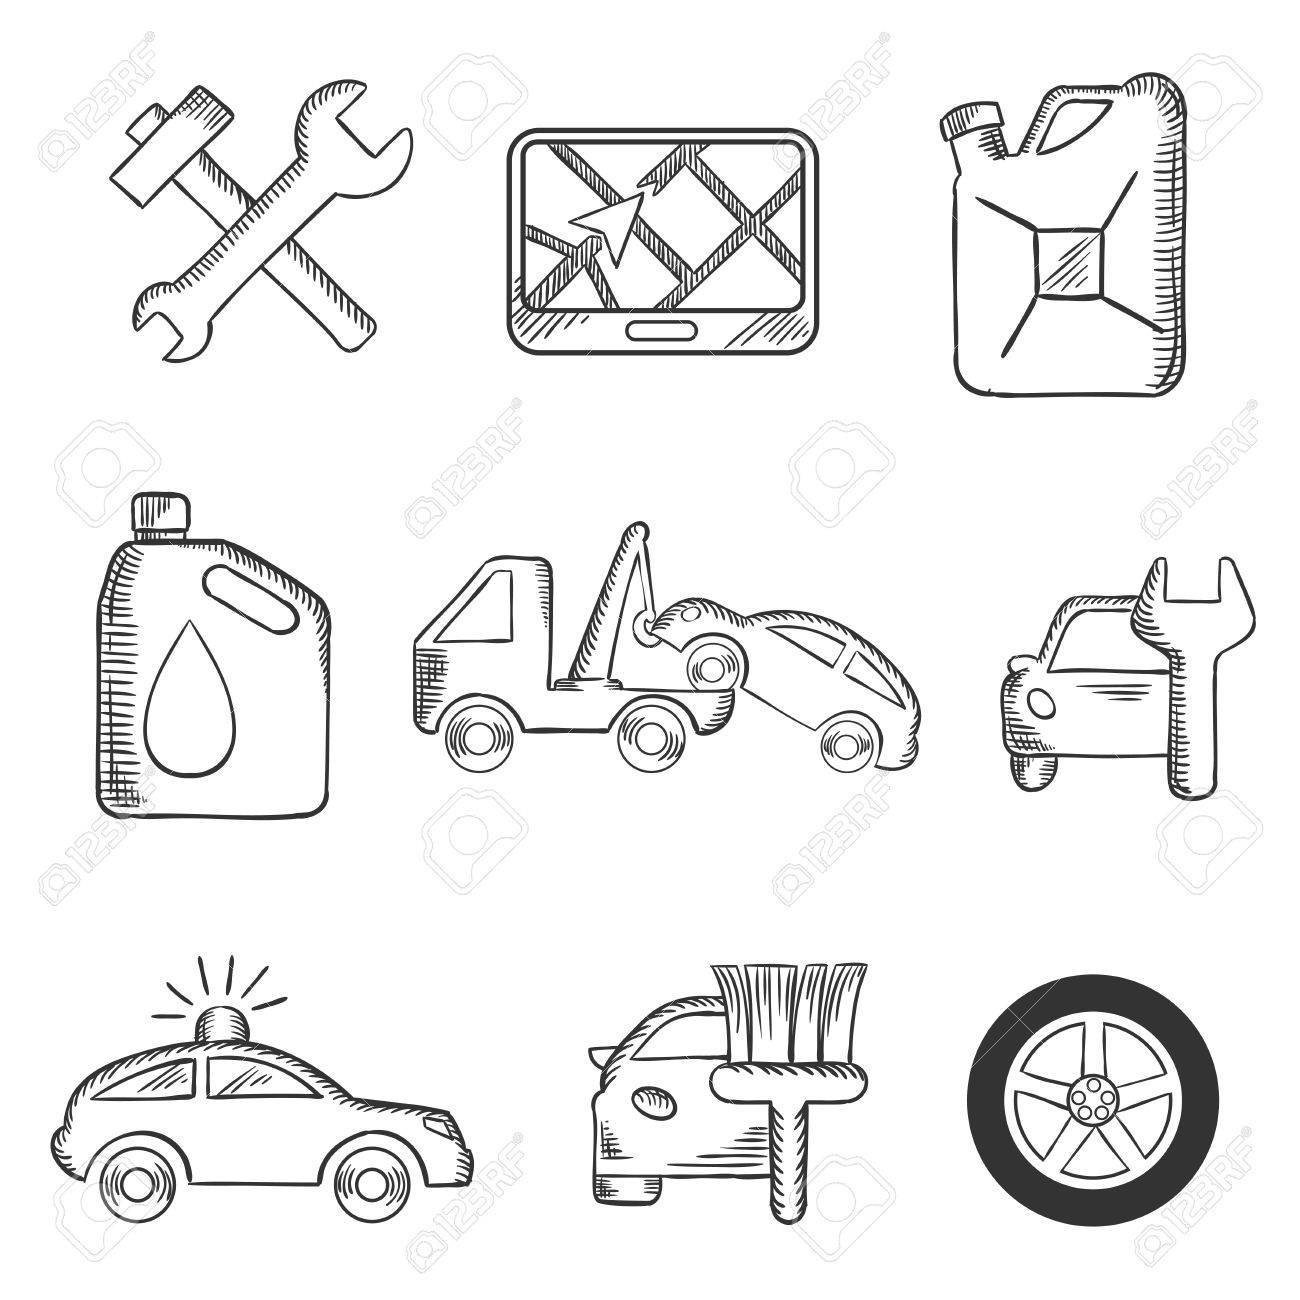 Niedlich Auto Skizziert Vorlagen Ideen - Beispiel Business ...